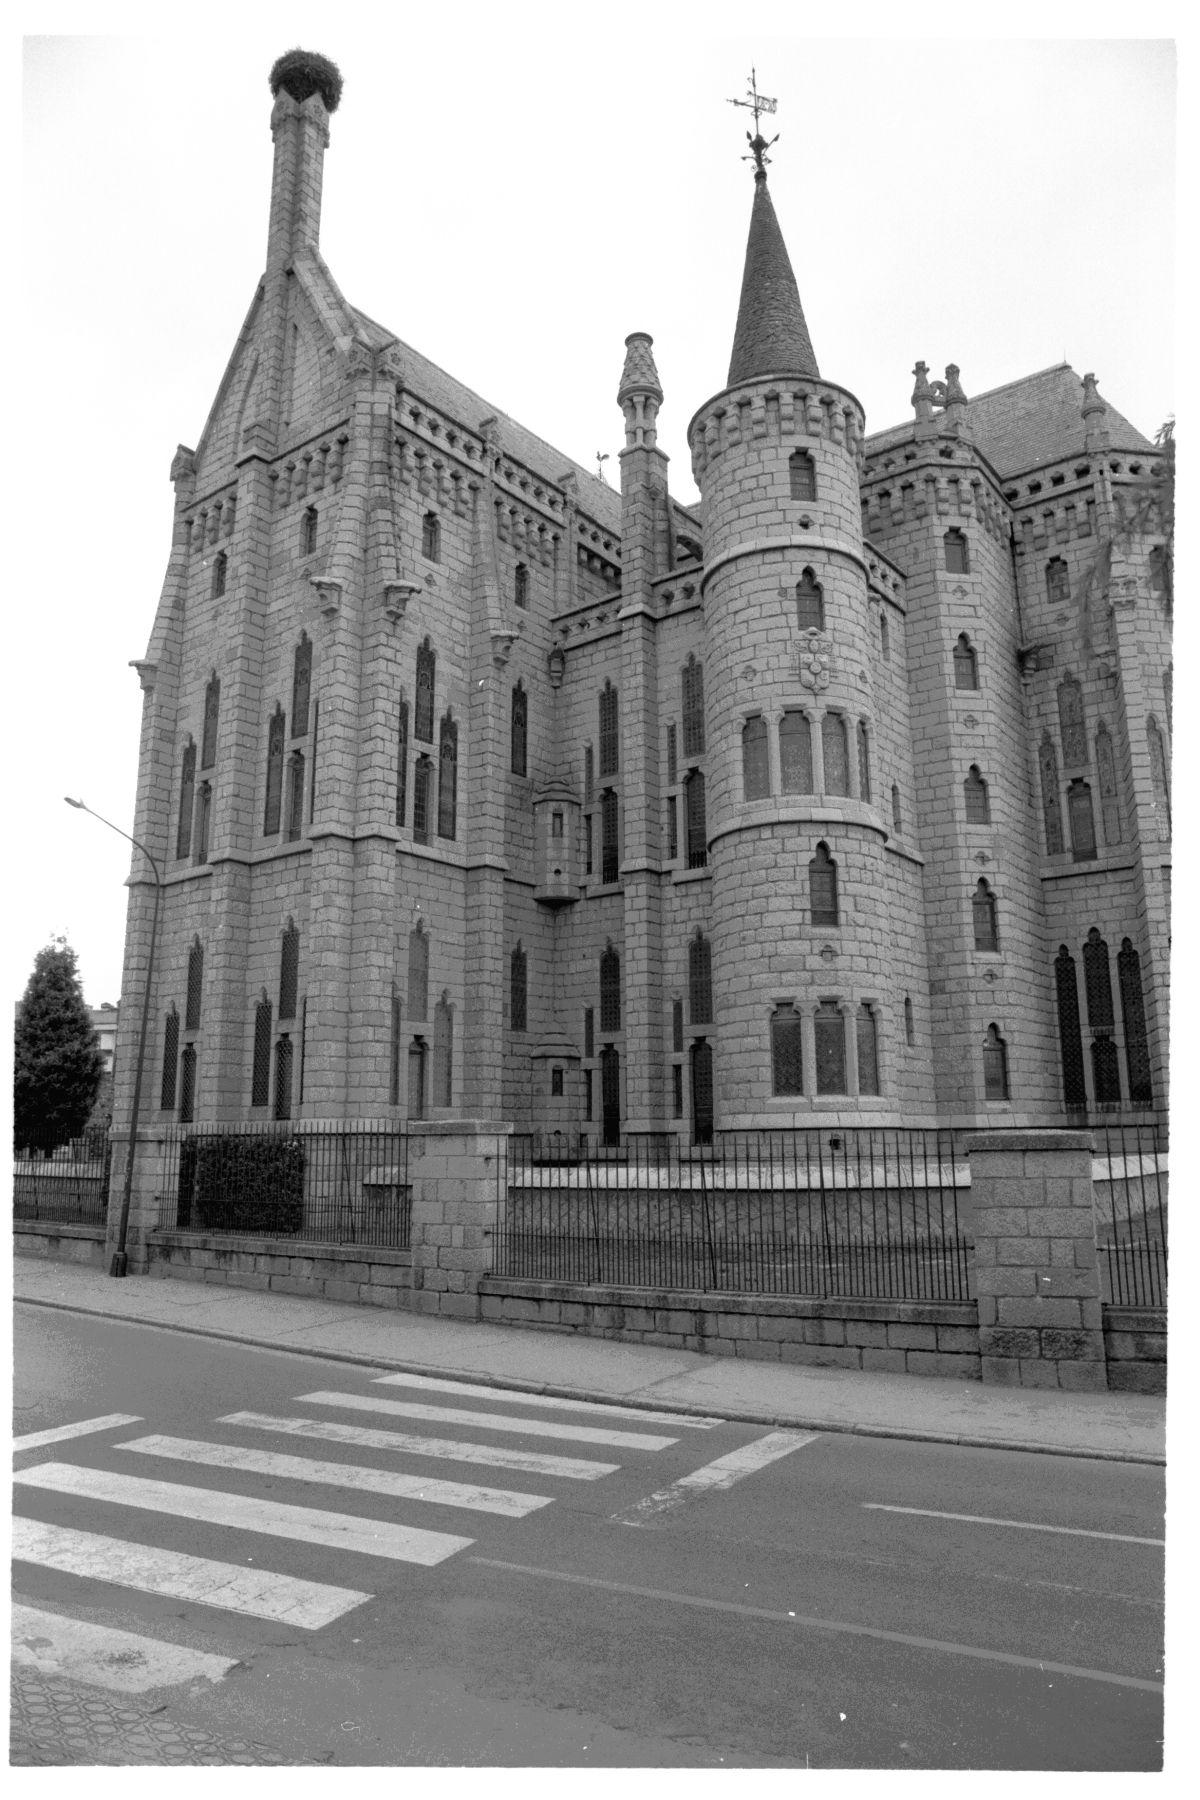 Palacio Episcopal d'Estorga2.jpg